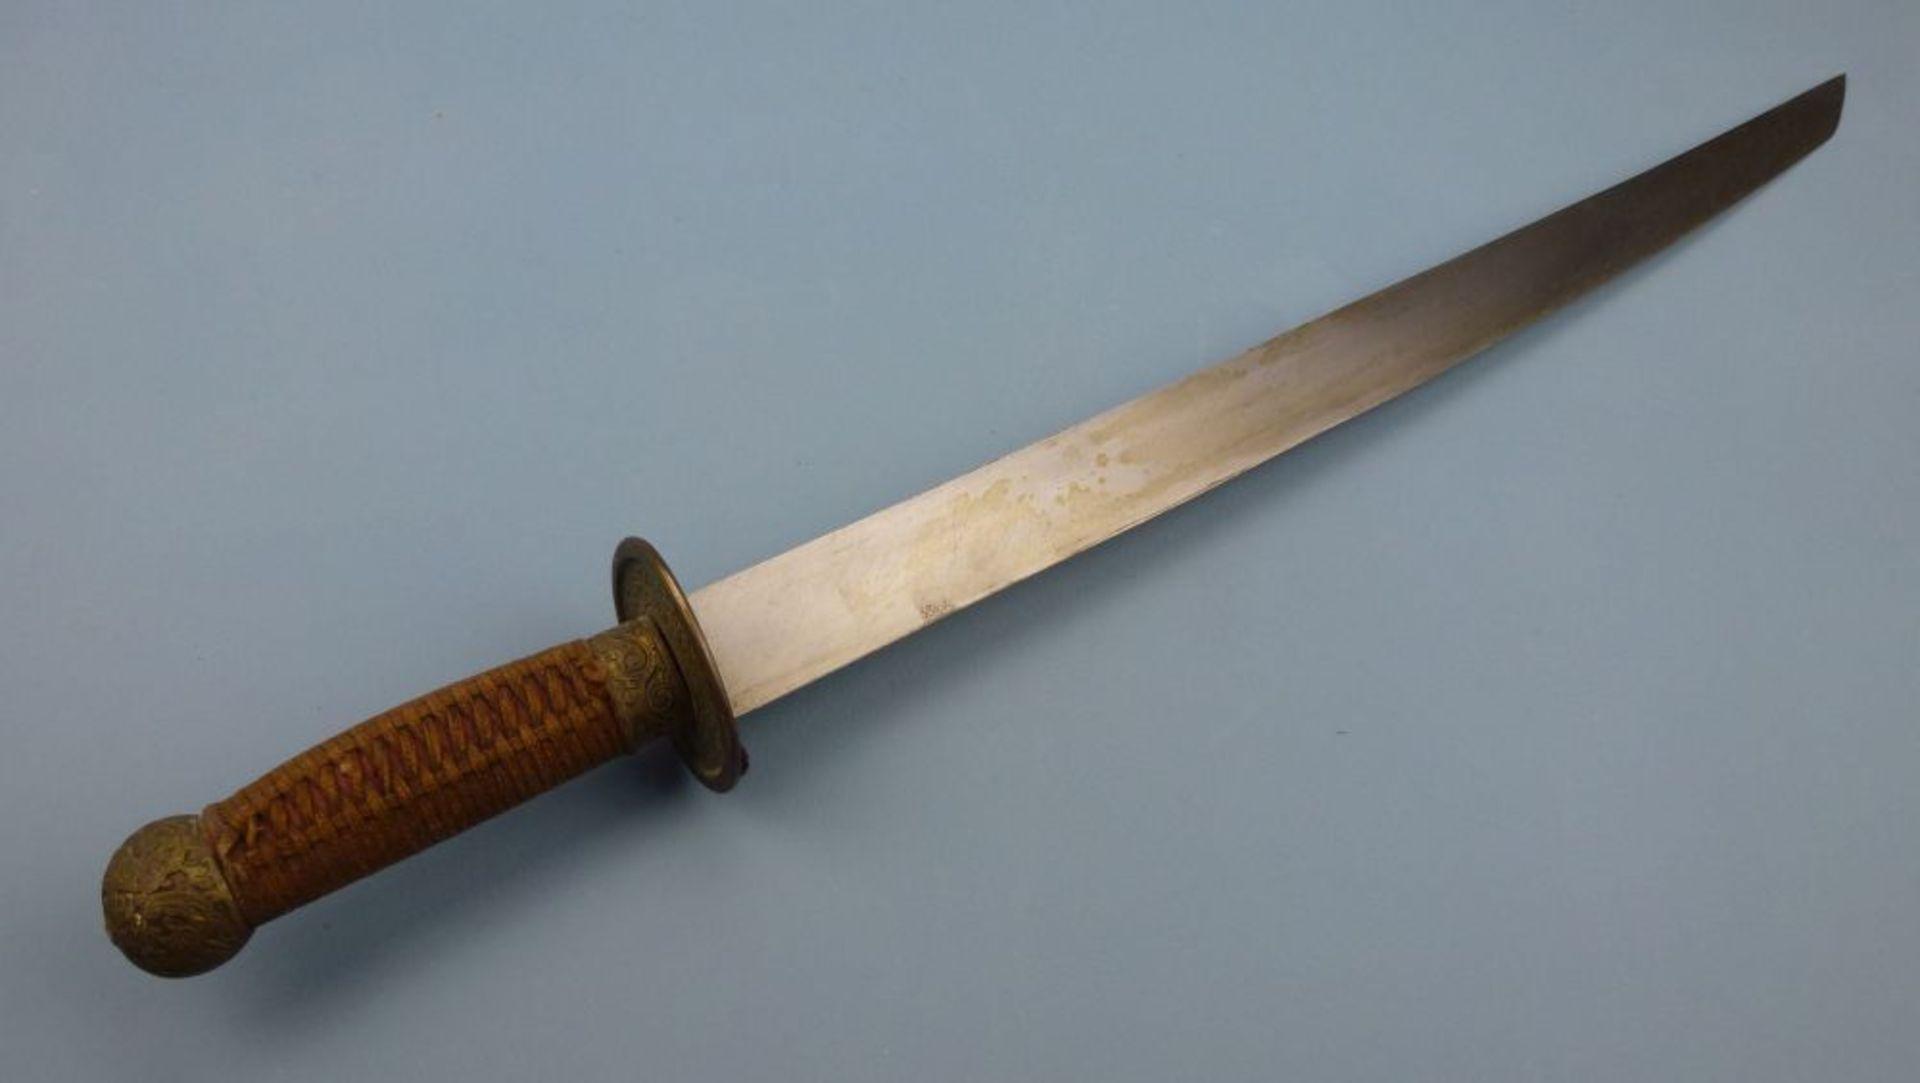 Schwert, ChinaRochenhaut-Scheide, reich ornamentierte Messingmontierungen, einschneidige Klinge, - Bild 3 aus 4